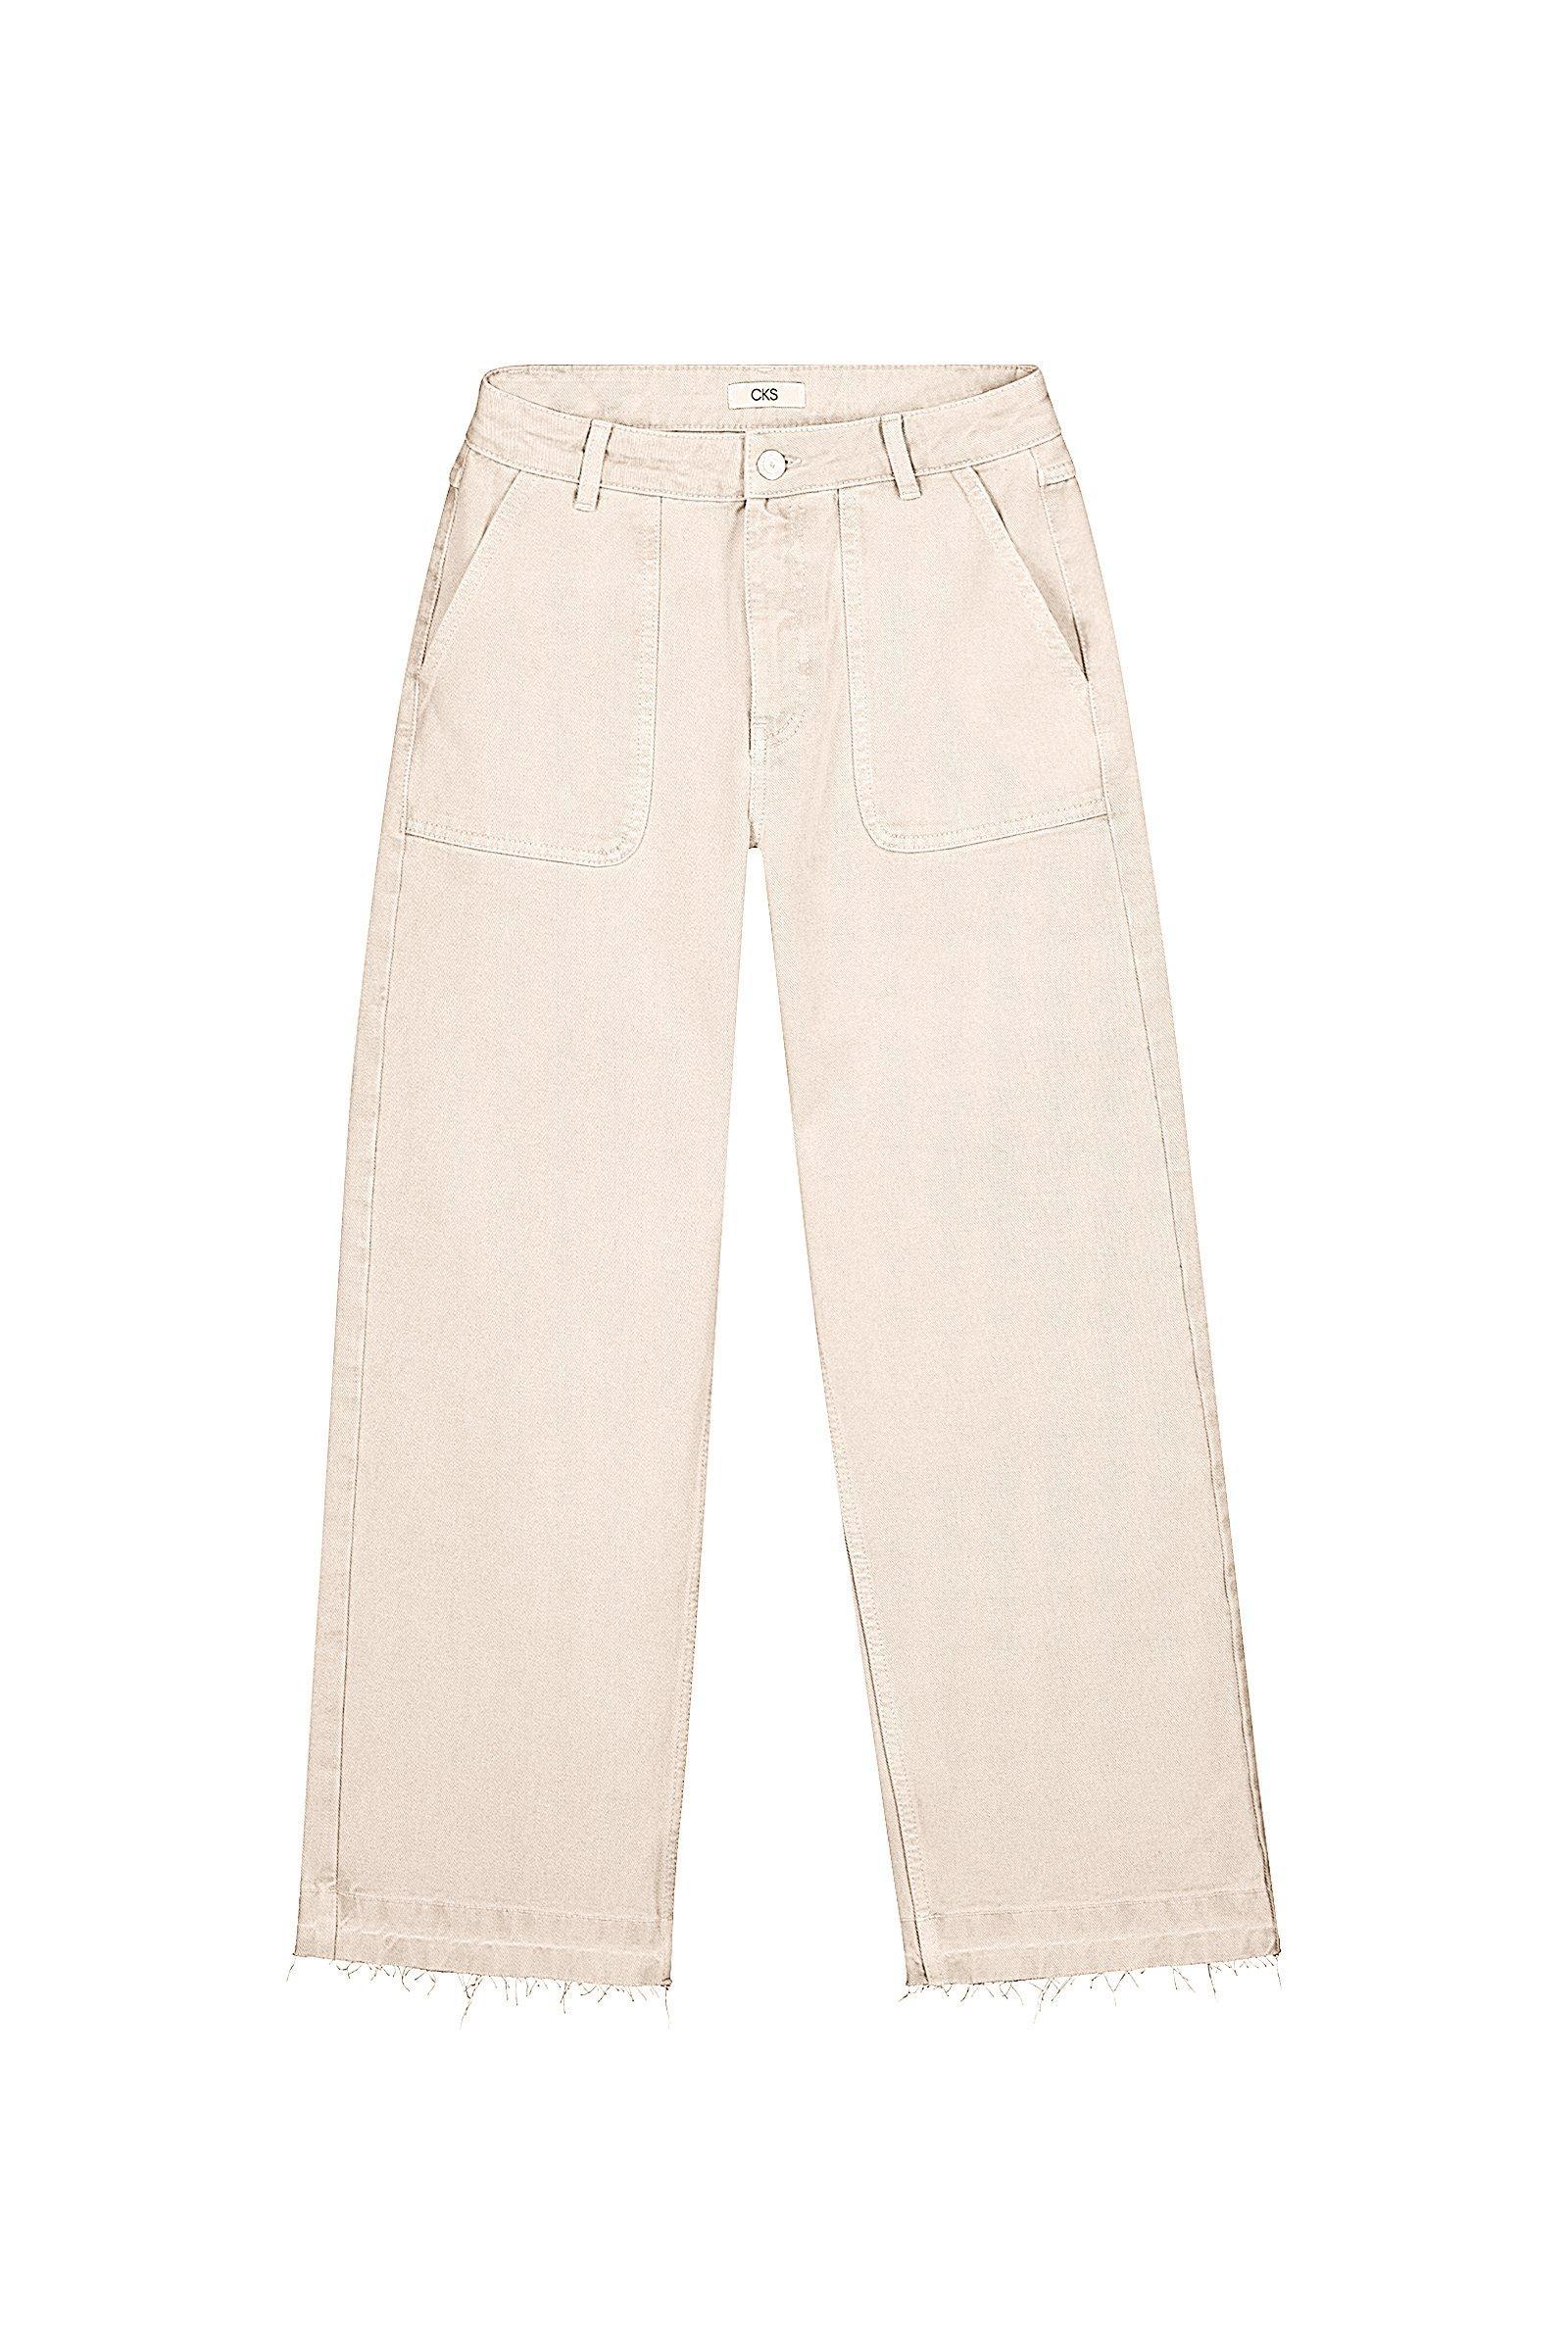 CKS Dames - LARENTINA - driekwart jeans - meerkleurig